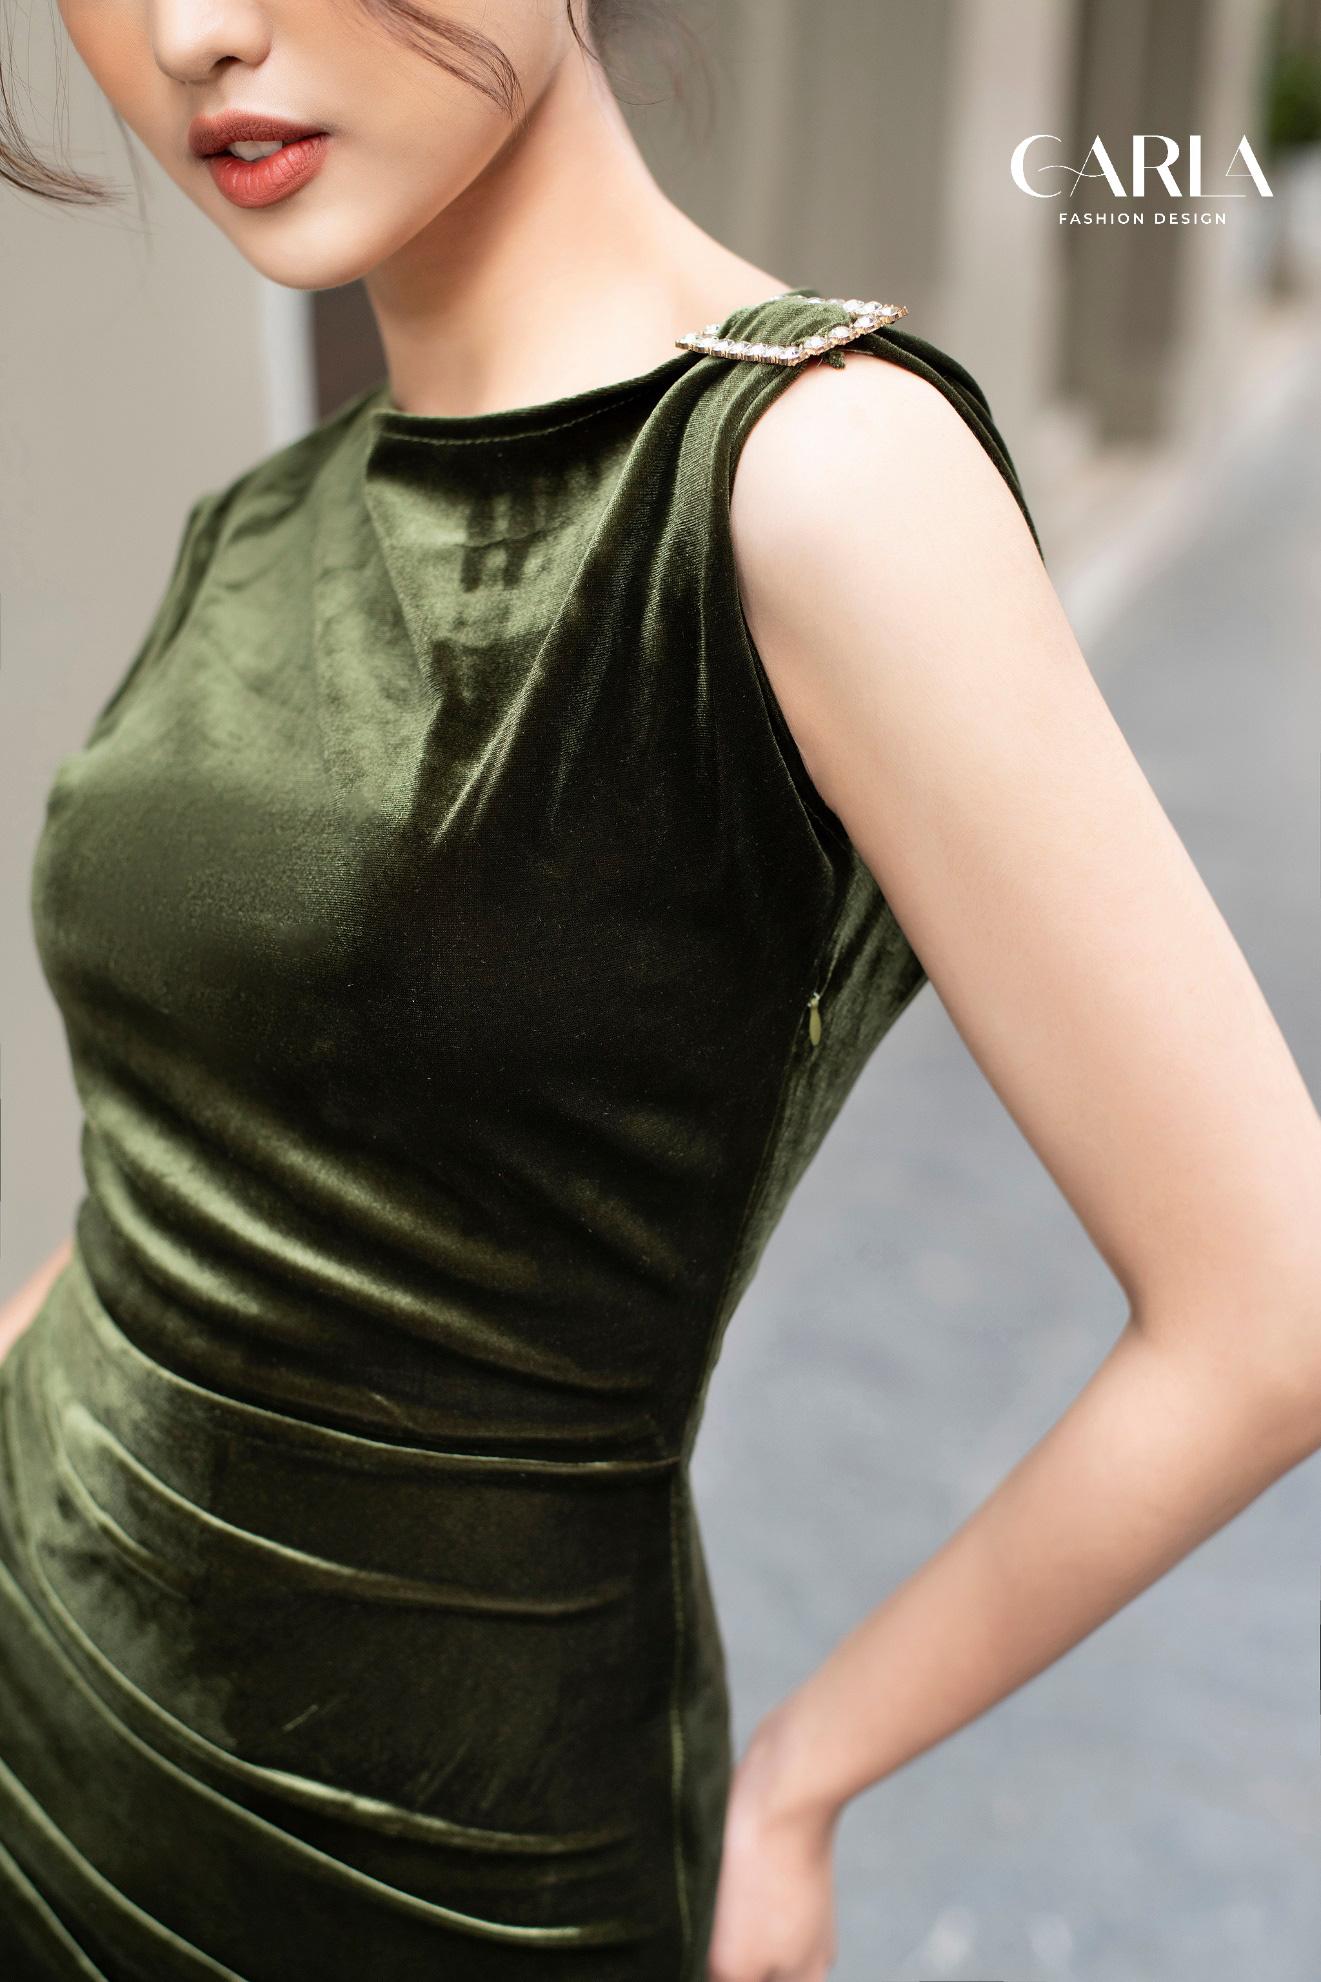 Carla Fashion tự tin chinh phục tín đồ thời trang - Ảnh 5.